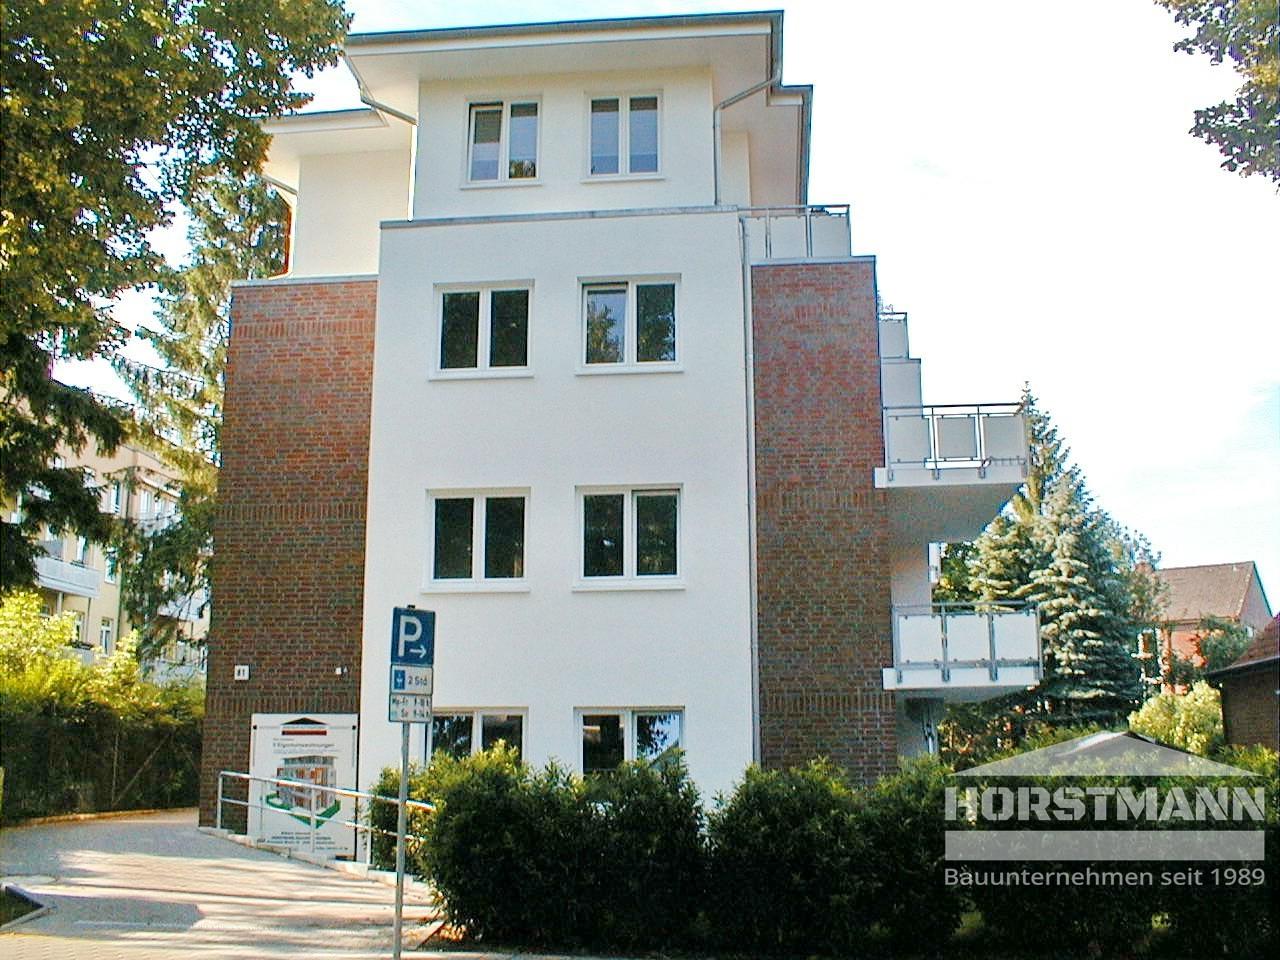 Mehrfamilienhaus - Hamburg-Rahlstedt - Baujahr 2007 - 7 Wohneinheiten